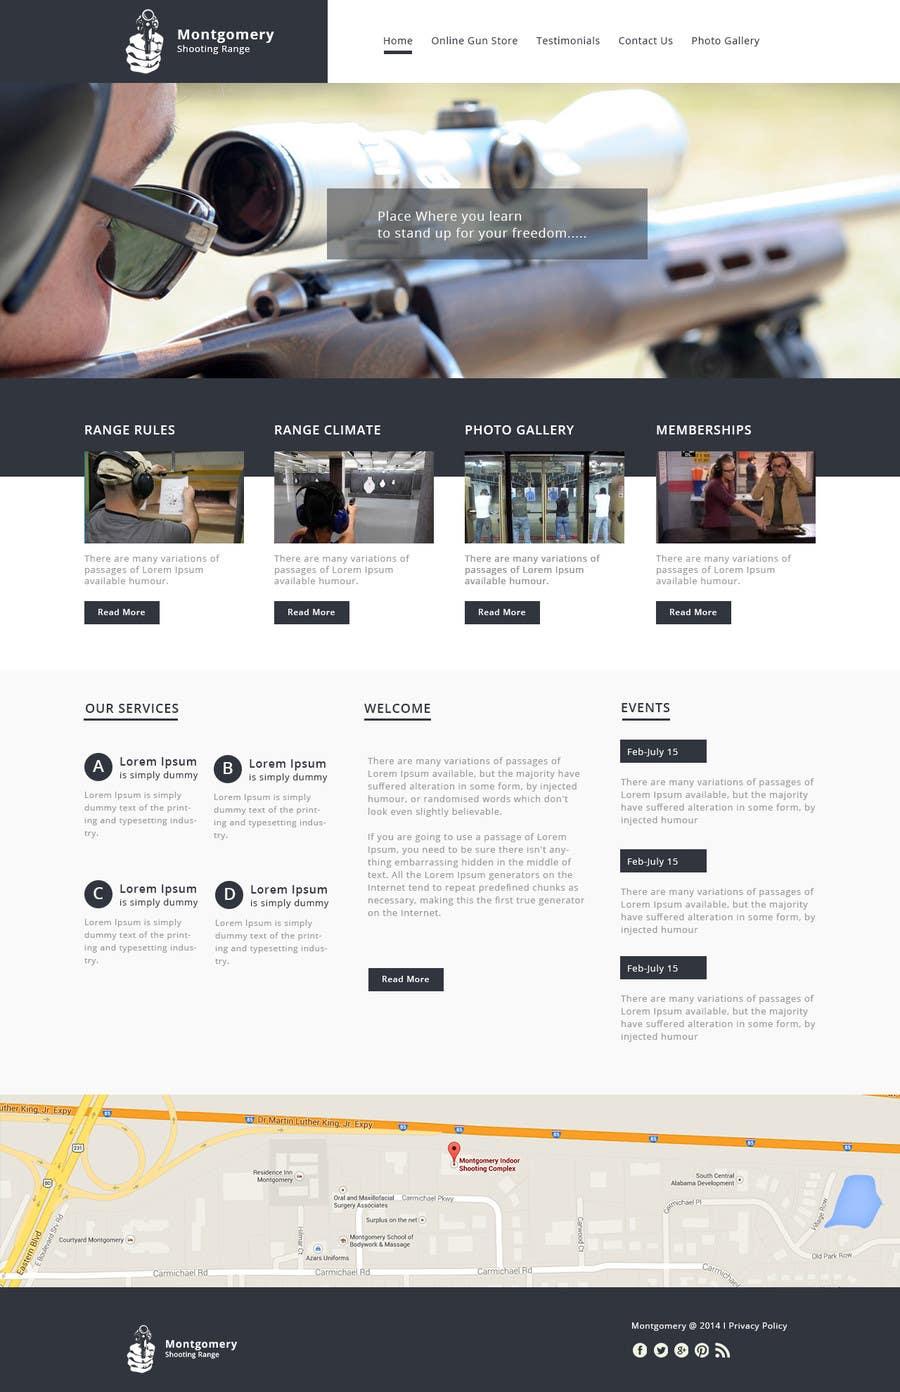 Penyertaan Peraduan #                                        7                                      untuk                                         Design a Website Mockup for Shooting Range